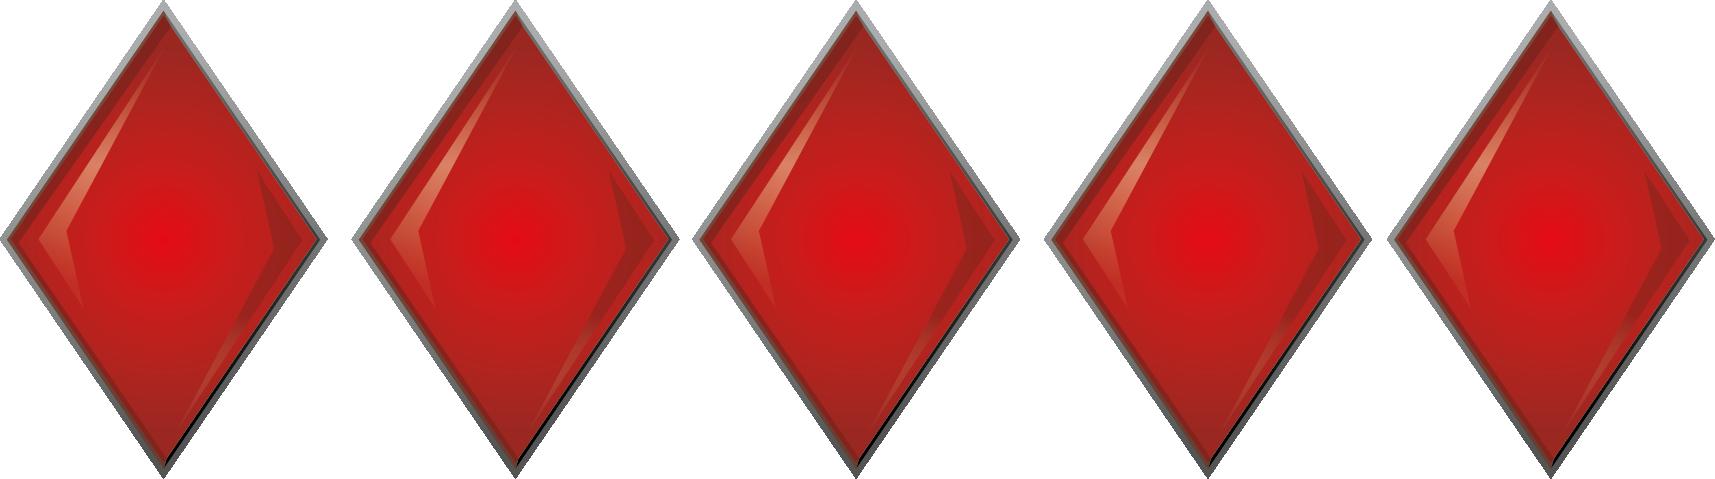 5 Diamond Blade Ranking